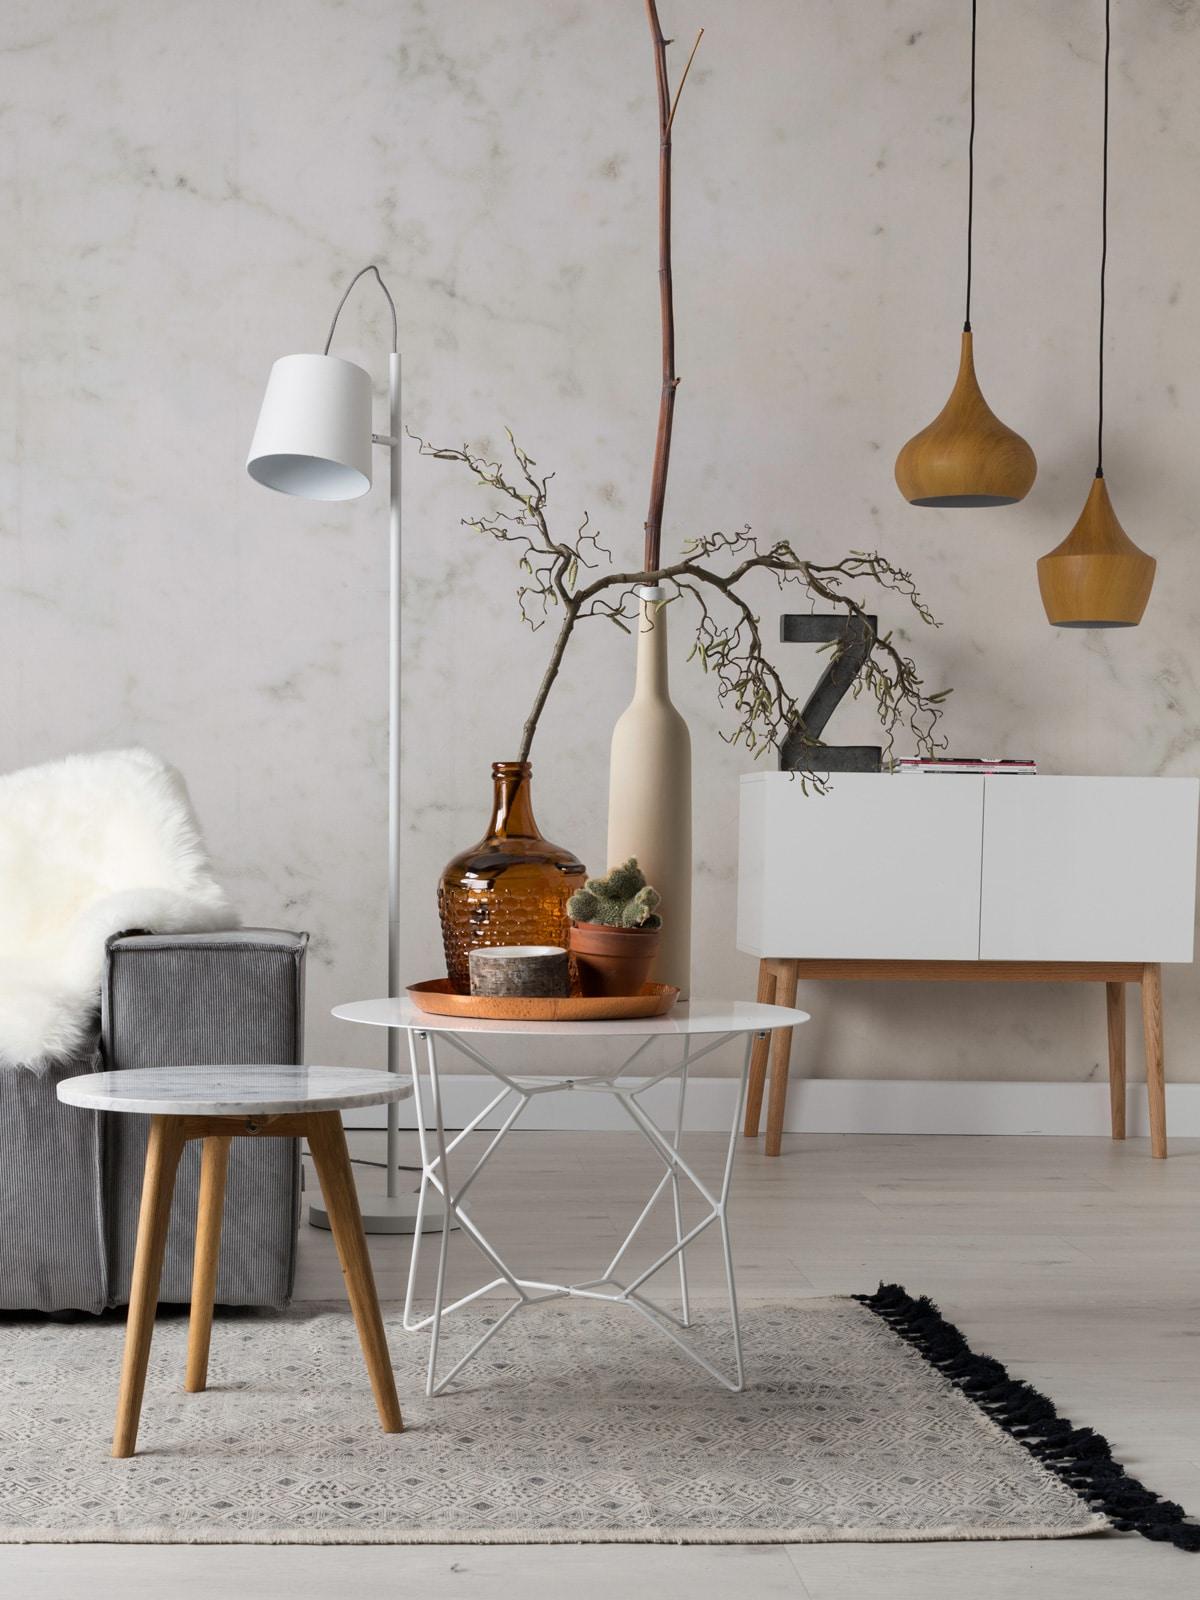 Stehlampe Buckle head online kaufen DesignOrt Onlineshop